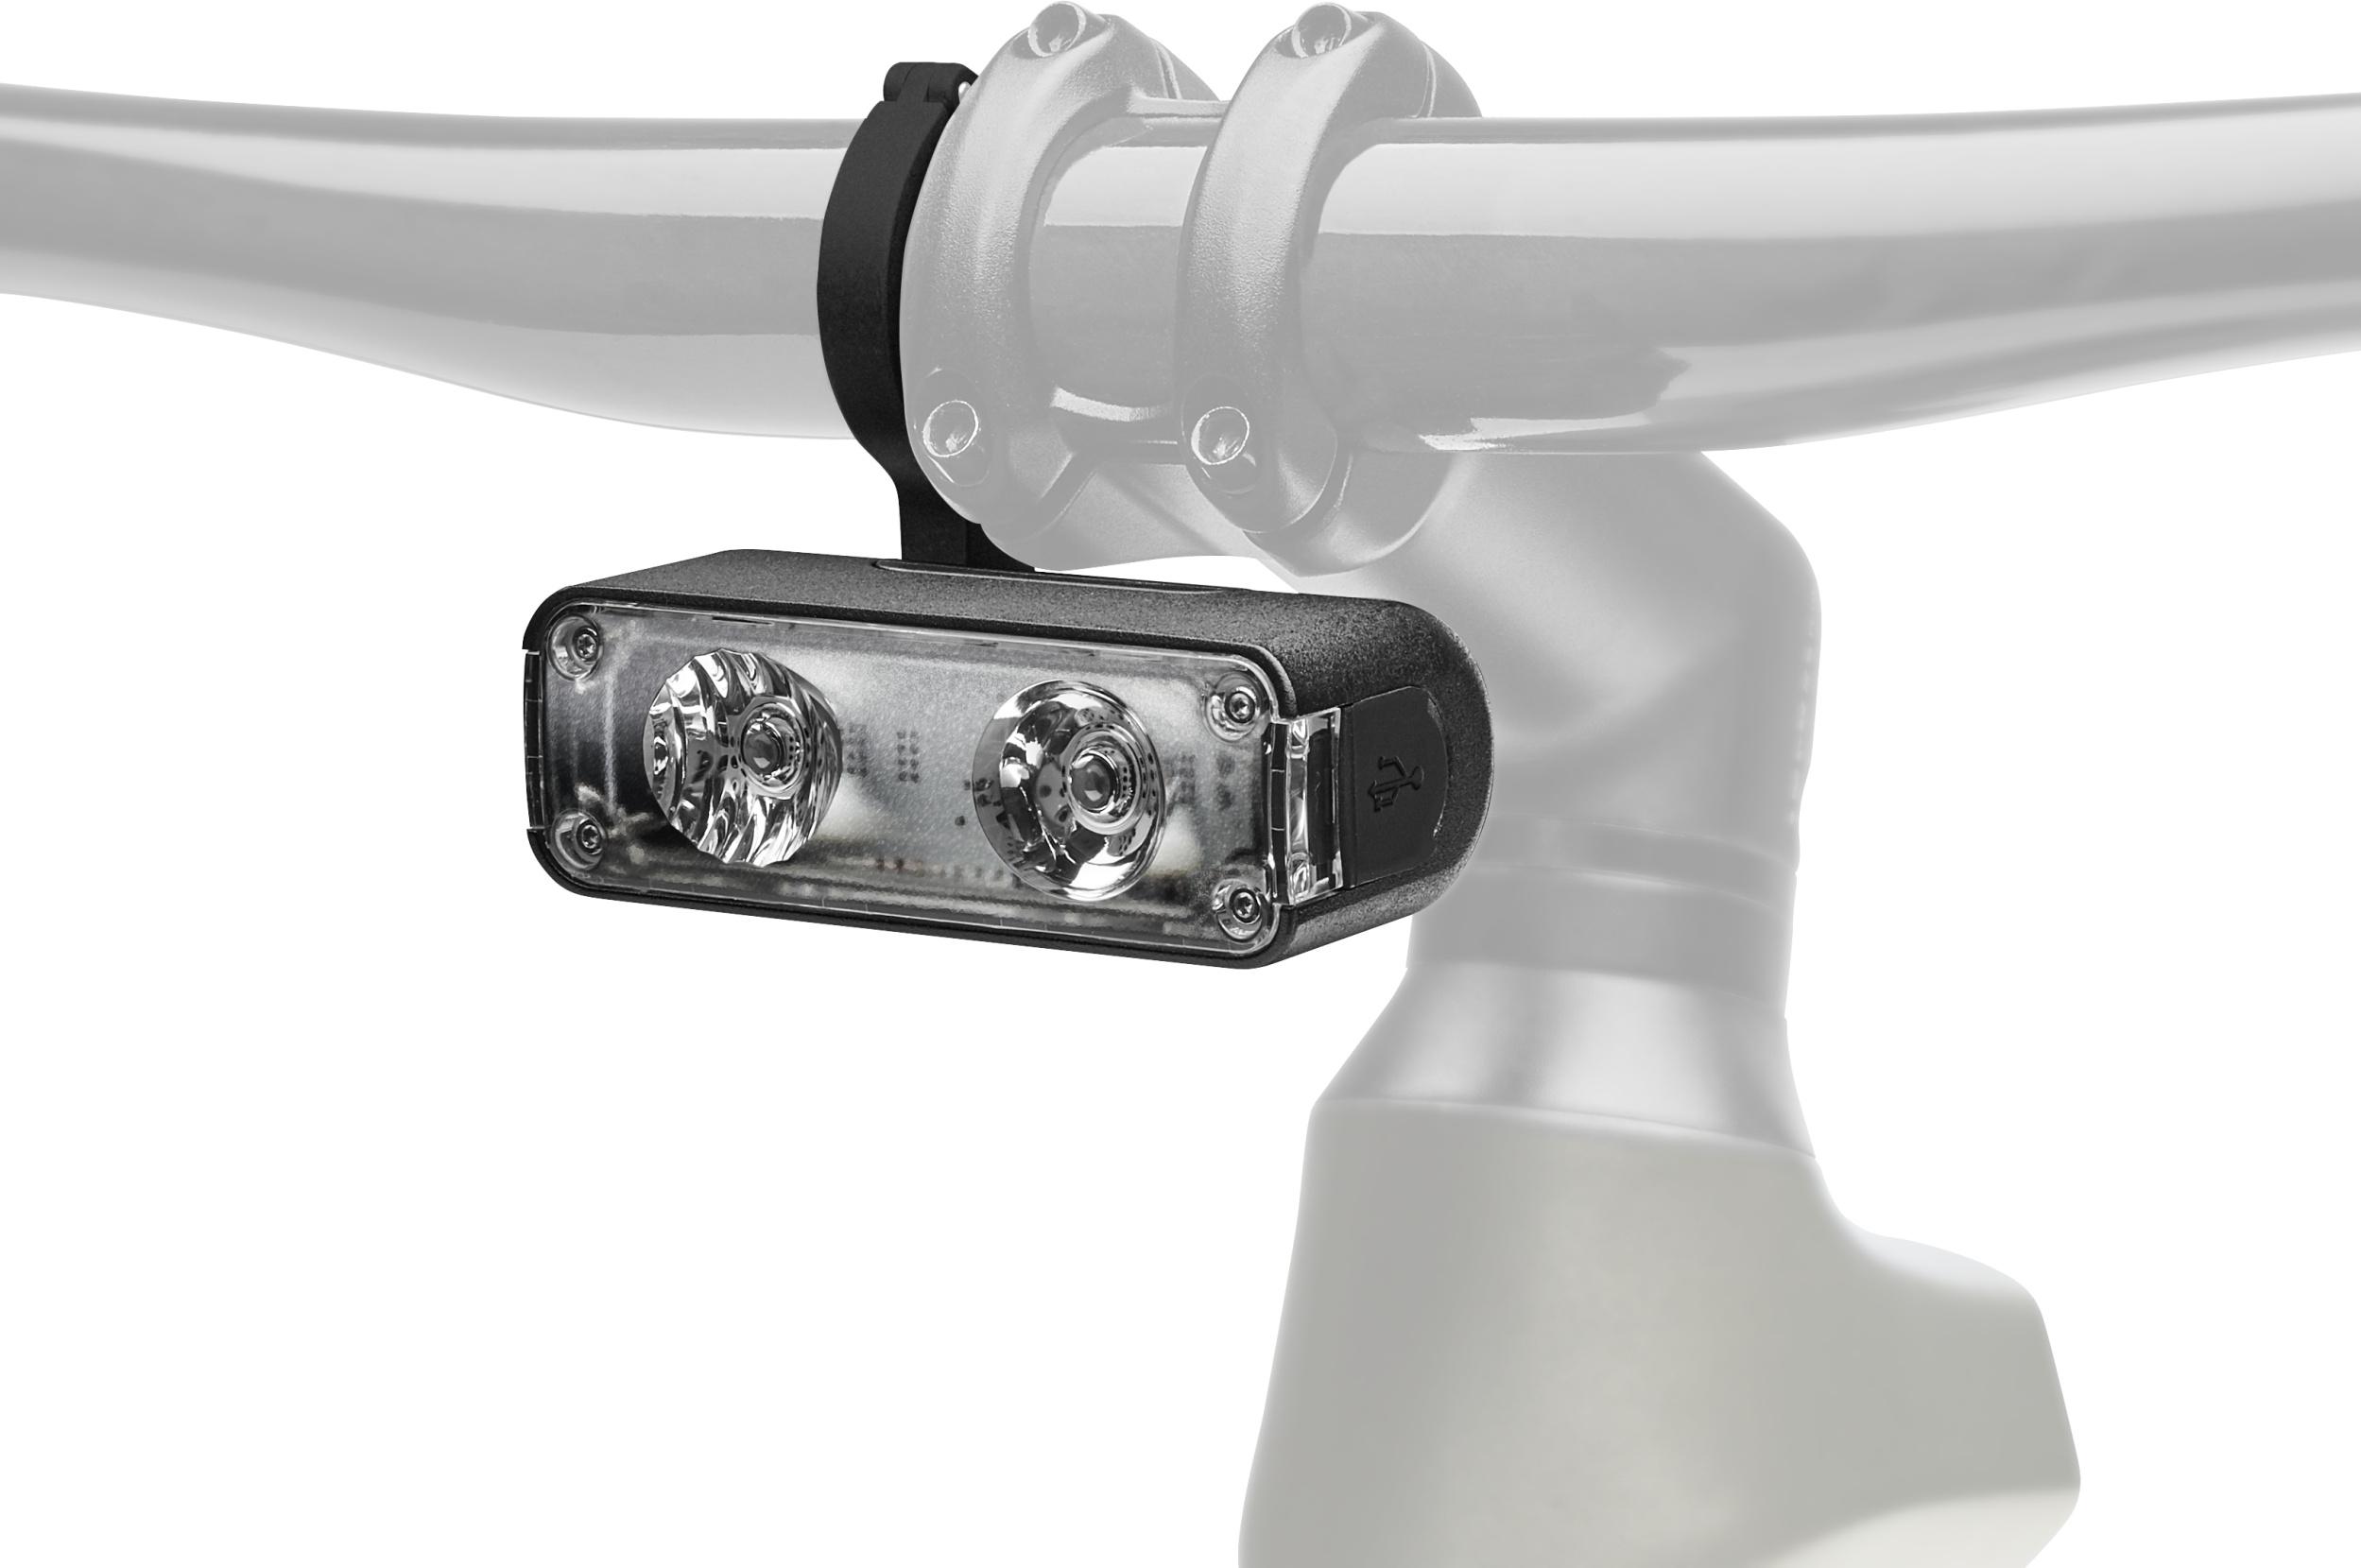 Flux 900 lumen headlight - $119